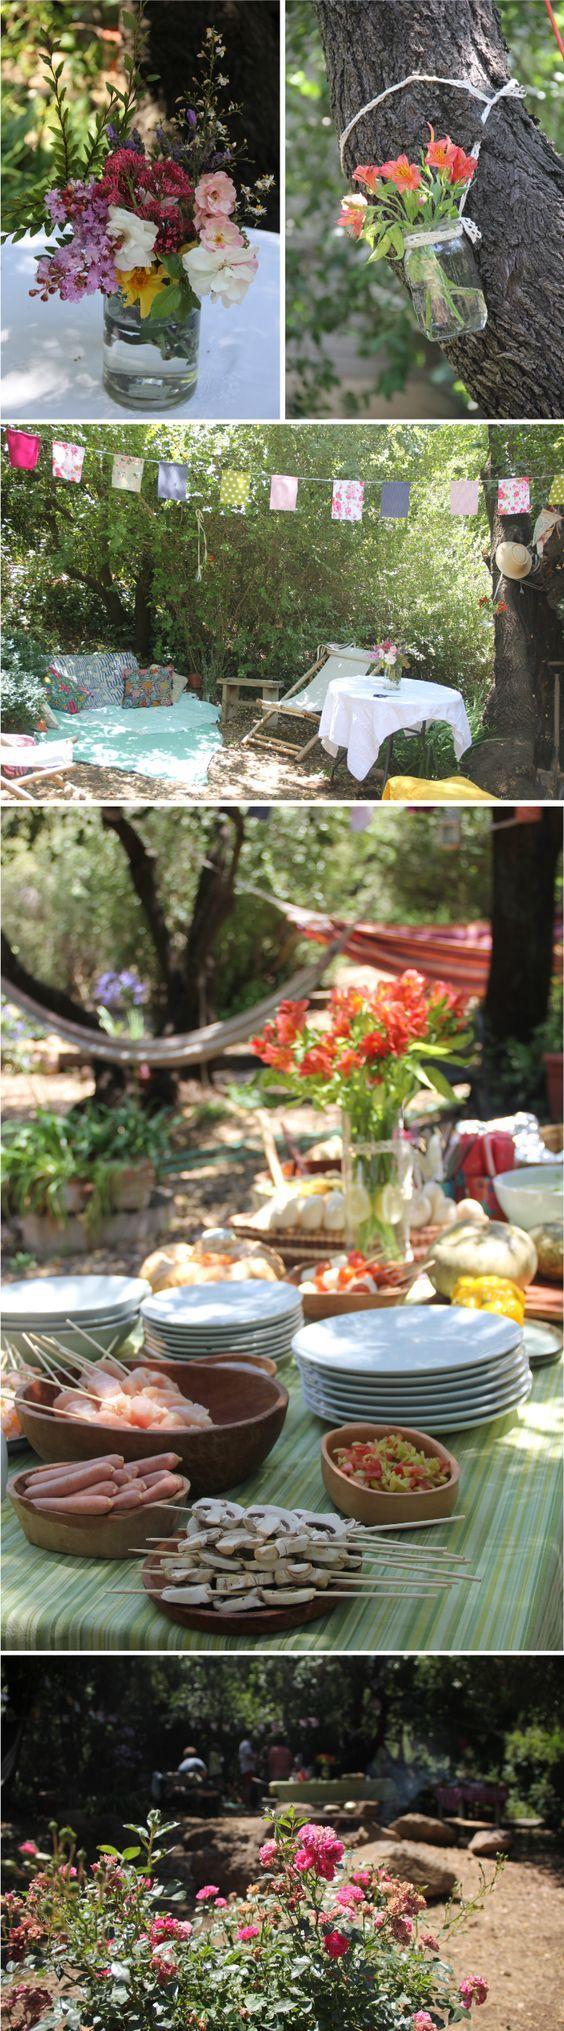 Decoración en el jardín para cumpleaños. Flores, banderas de género..